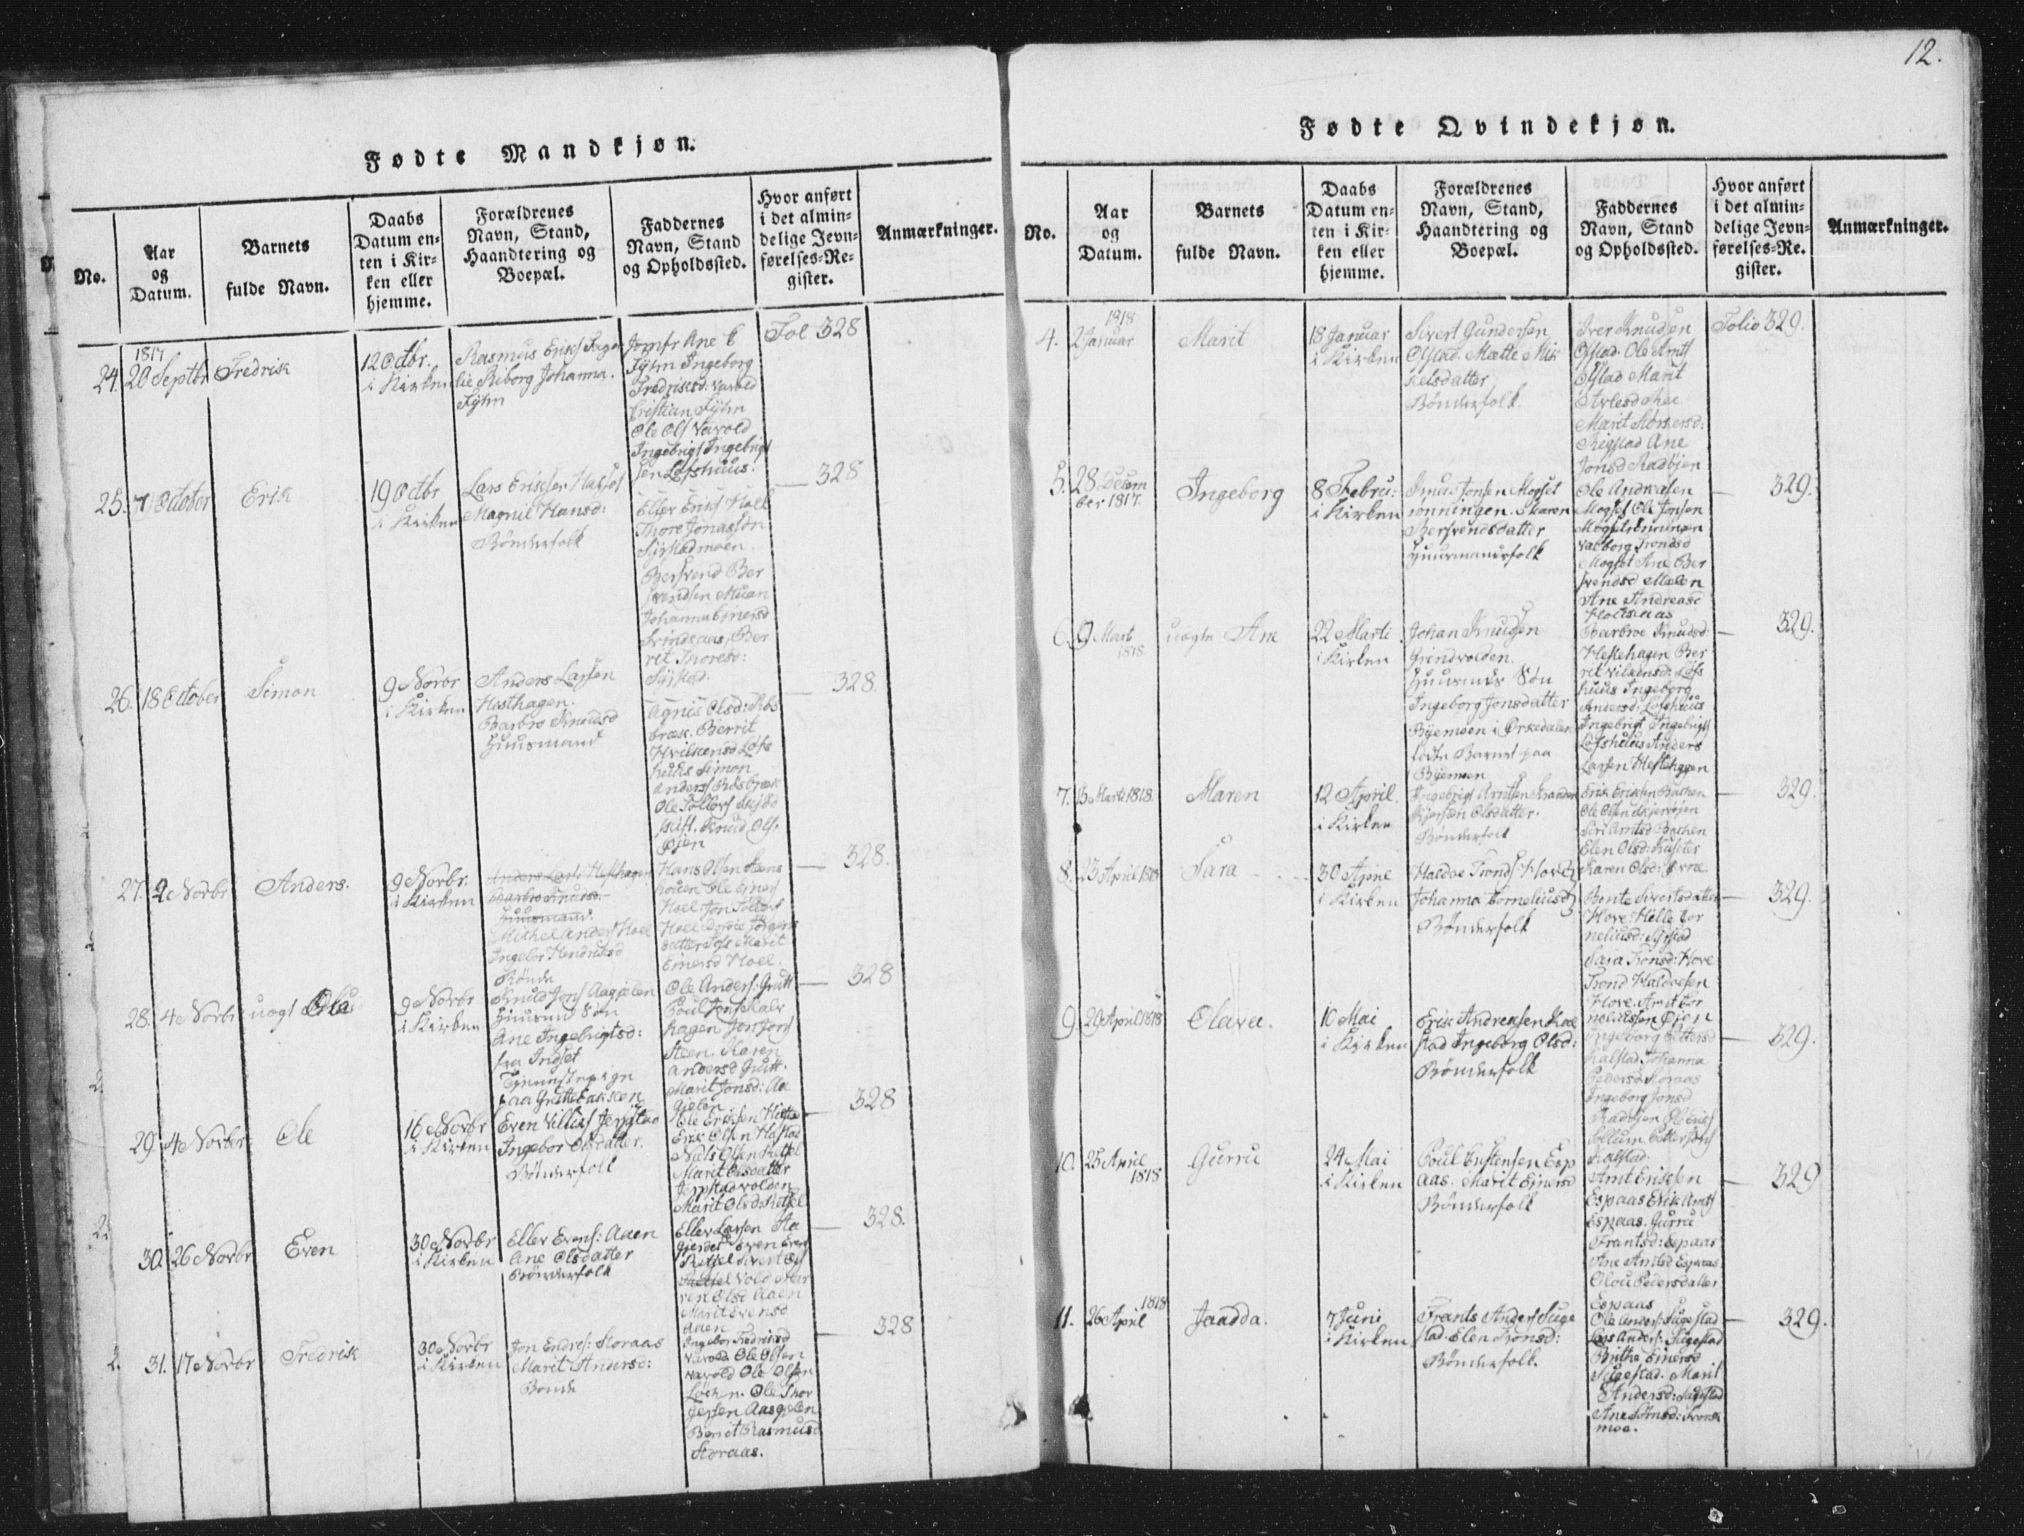 SAT, Ministerialprotokoller, klokkerbøker og fødselsregistre - Sør-Trøndelag, 672/L0862: Klokkerbok nr. 672C01, 1816-1831, s. 12